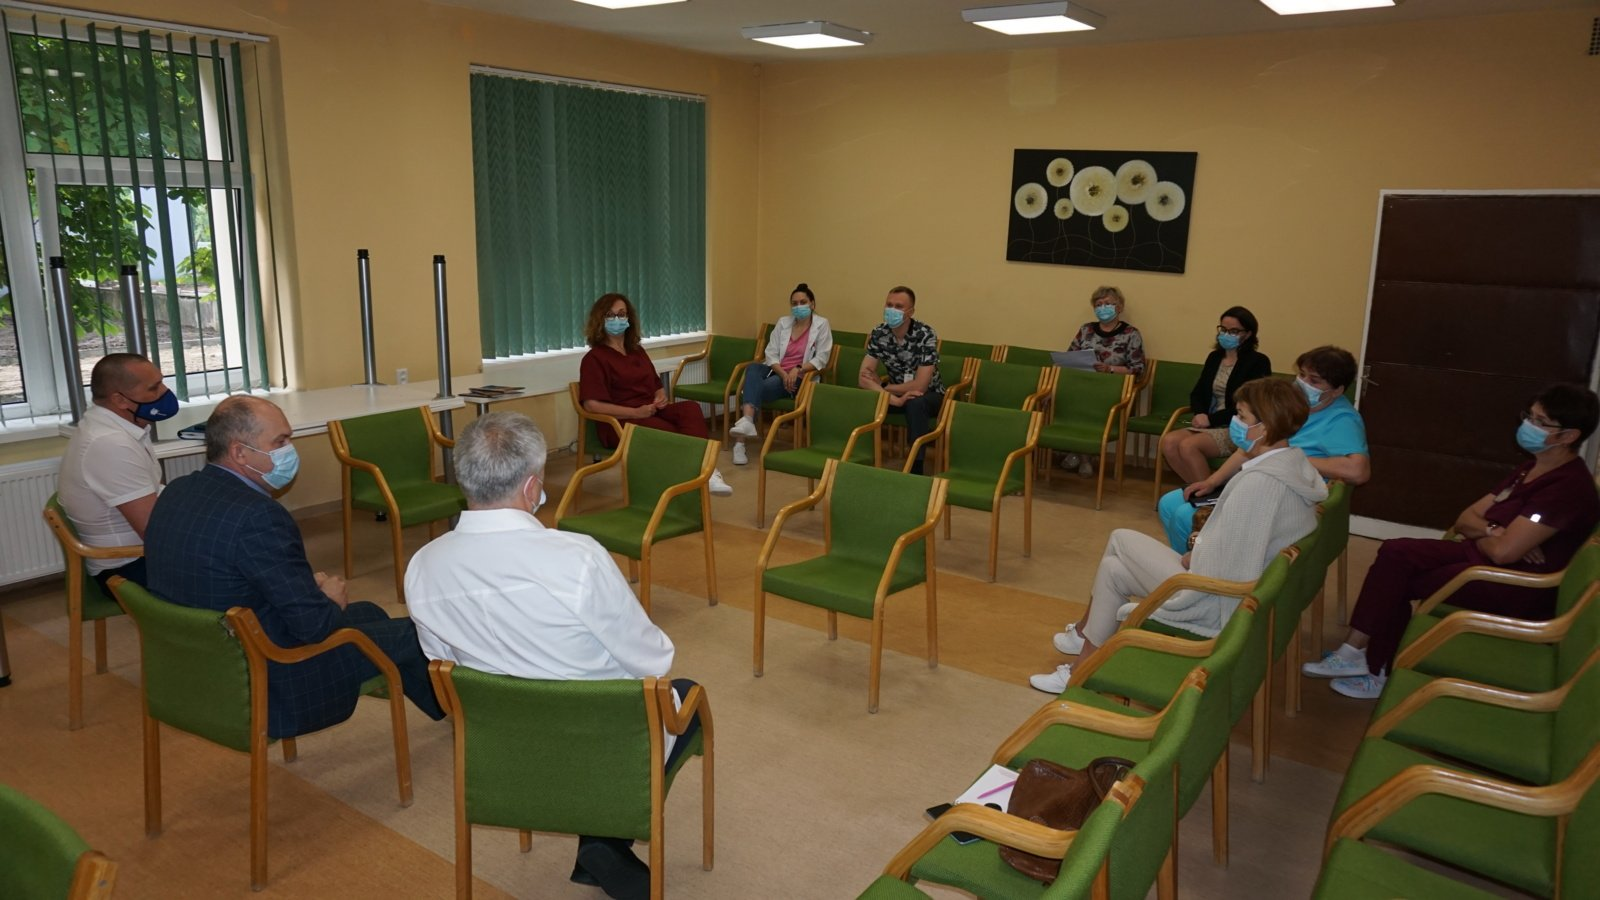 Su Ukmergės ligoninės darbuotojais ieškota sprendimo dėl pablogėjusios finansinės padėties